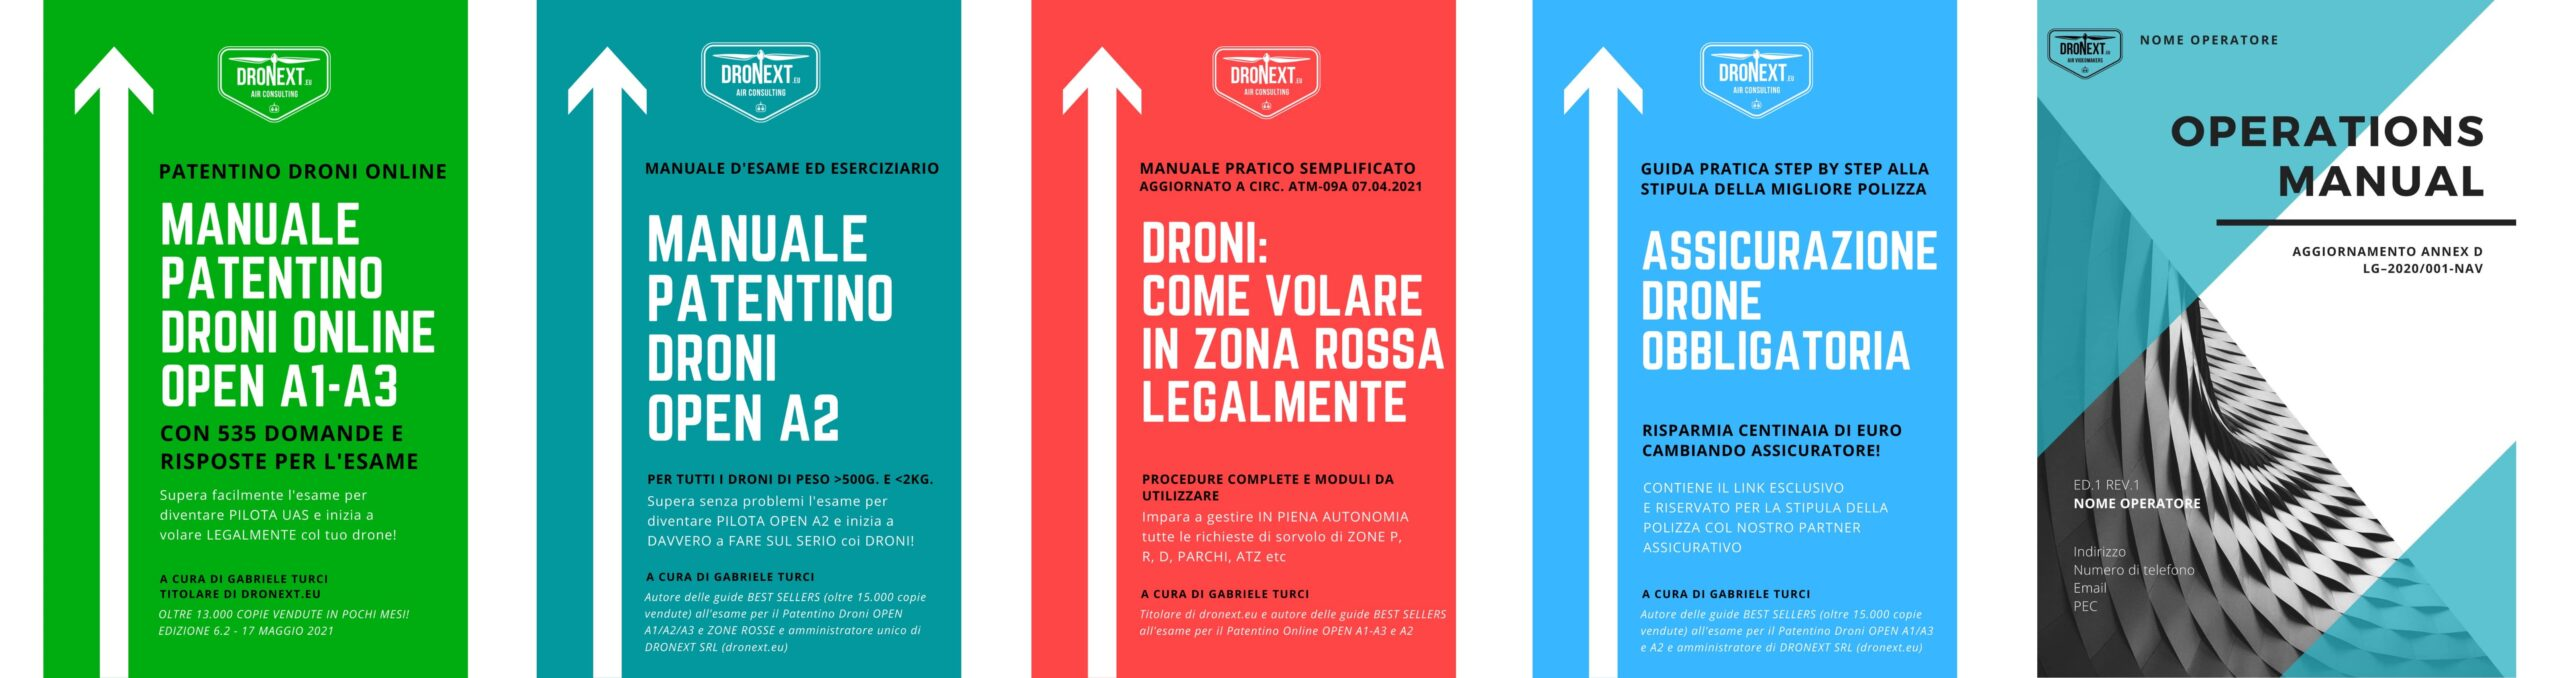 Dronex patentino Droni